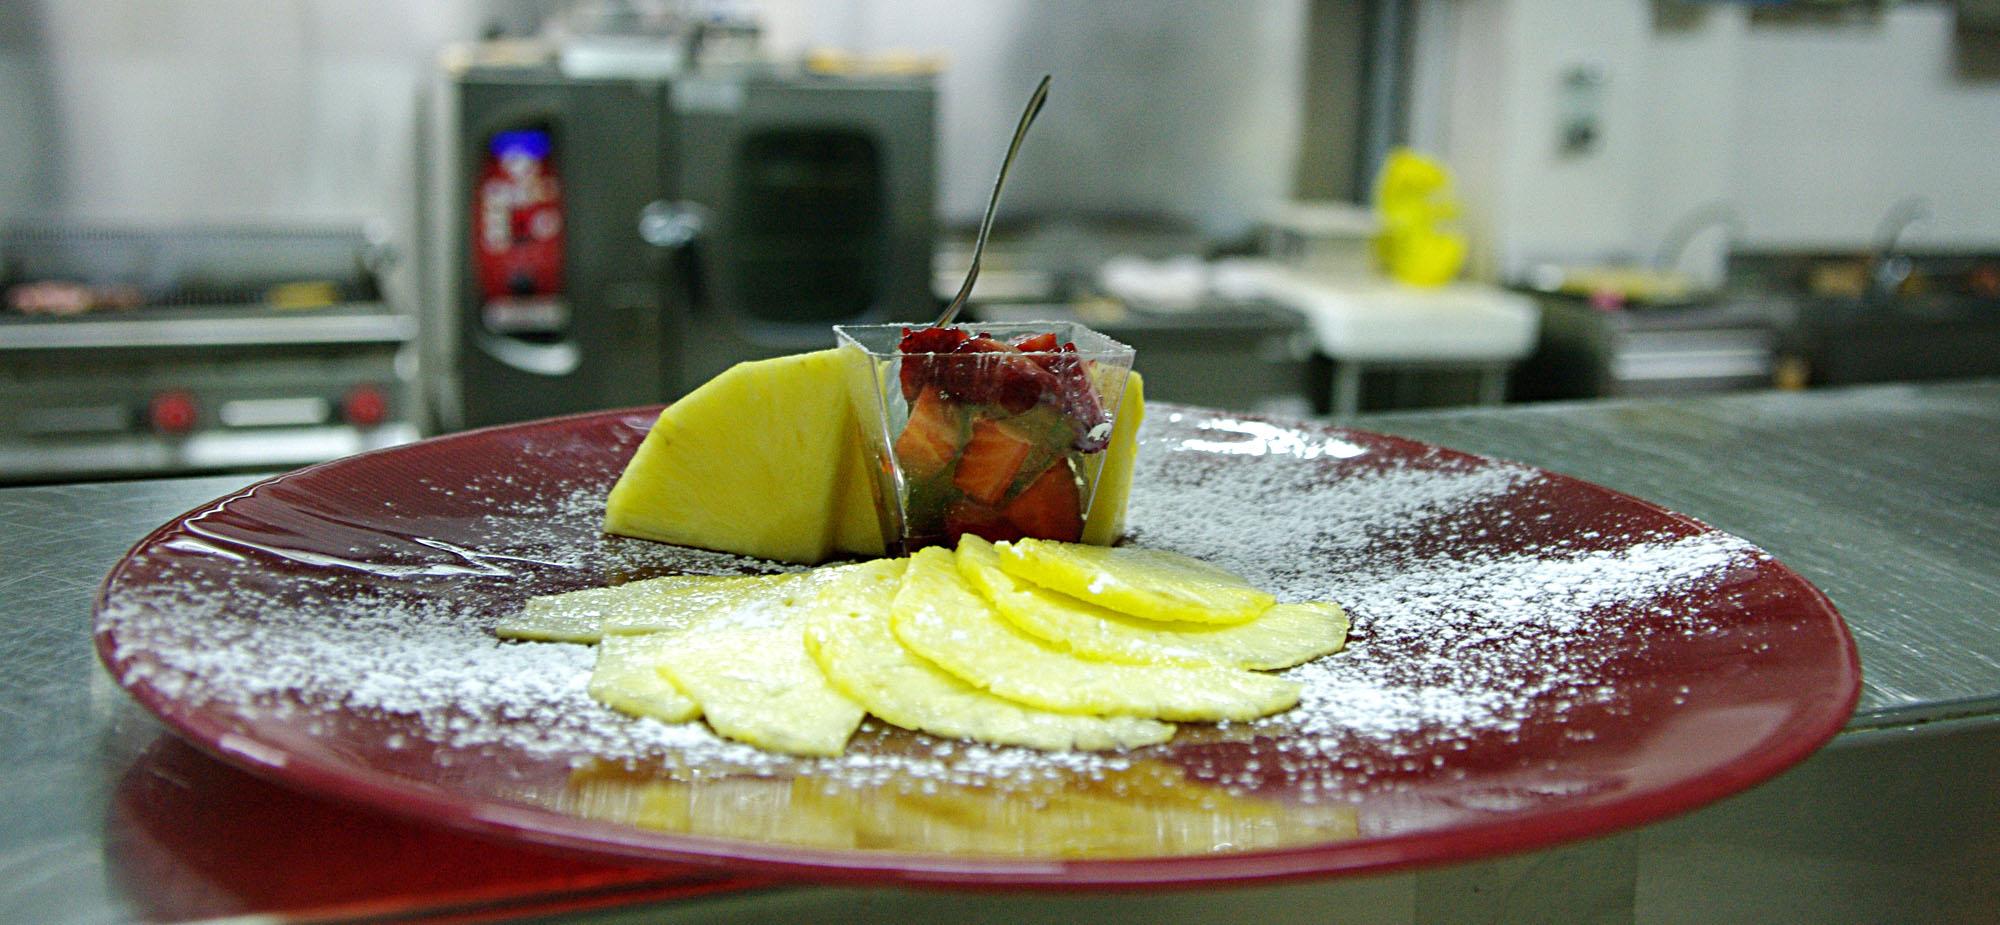 frutta ristorante lecce la scarpetta